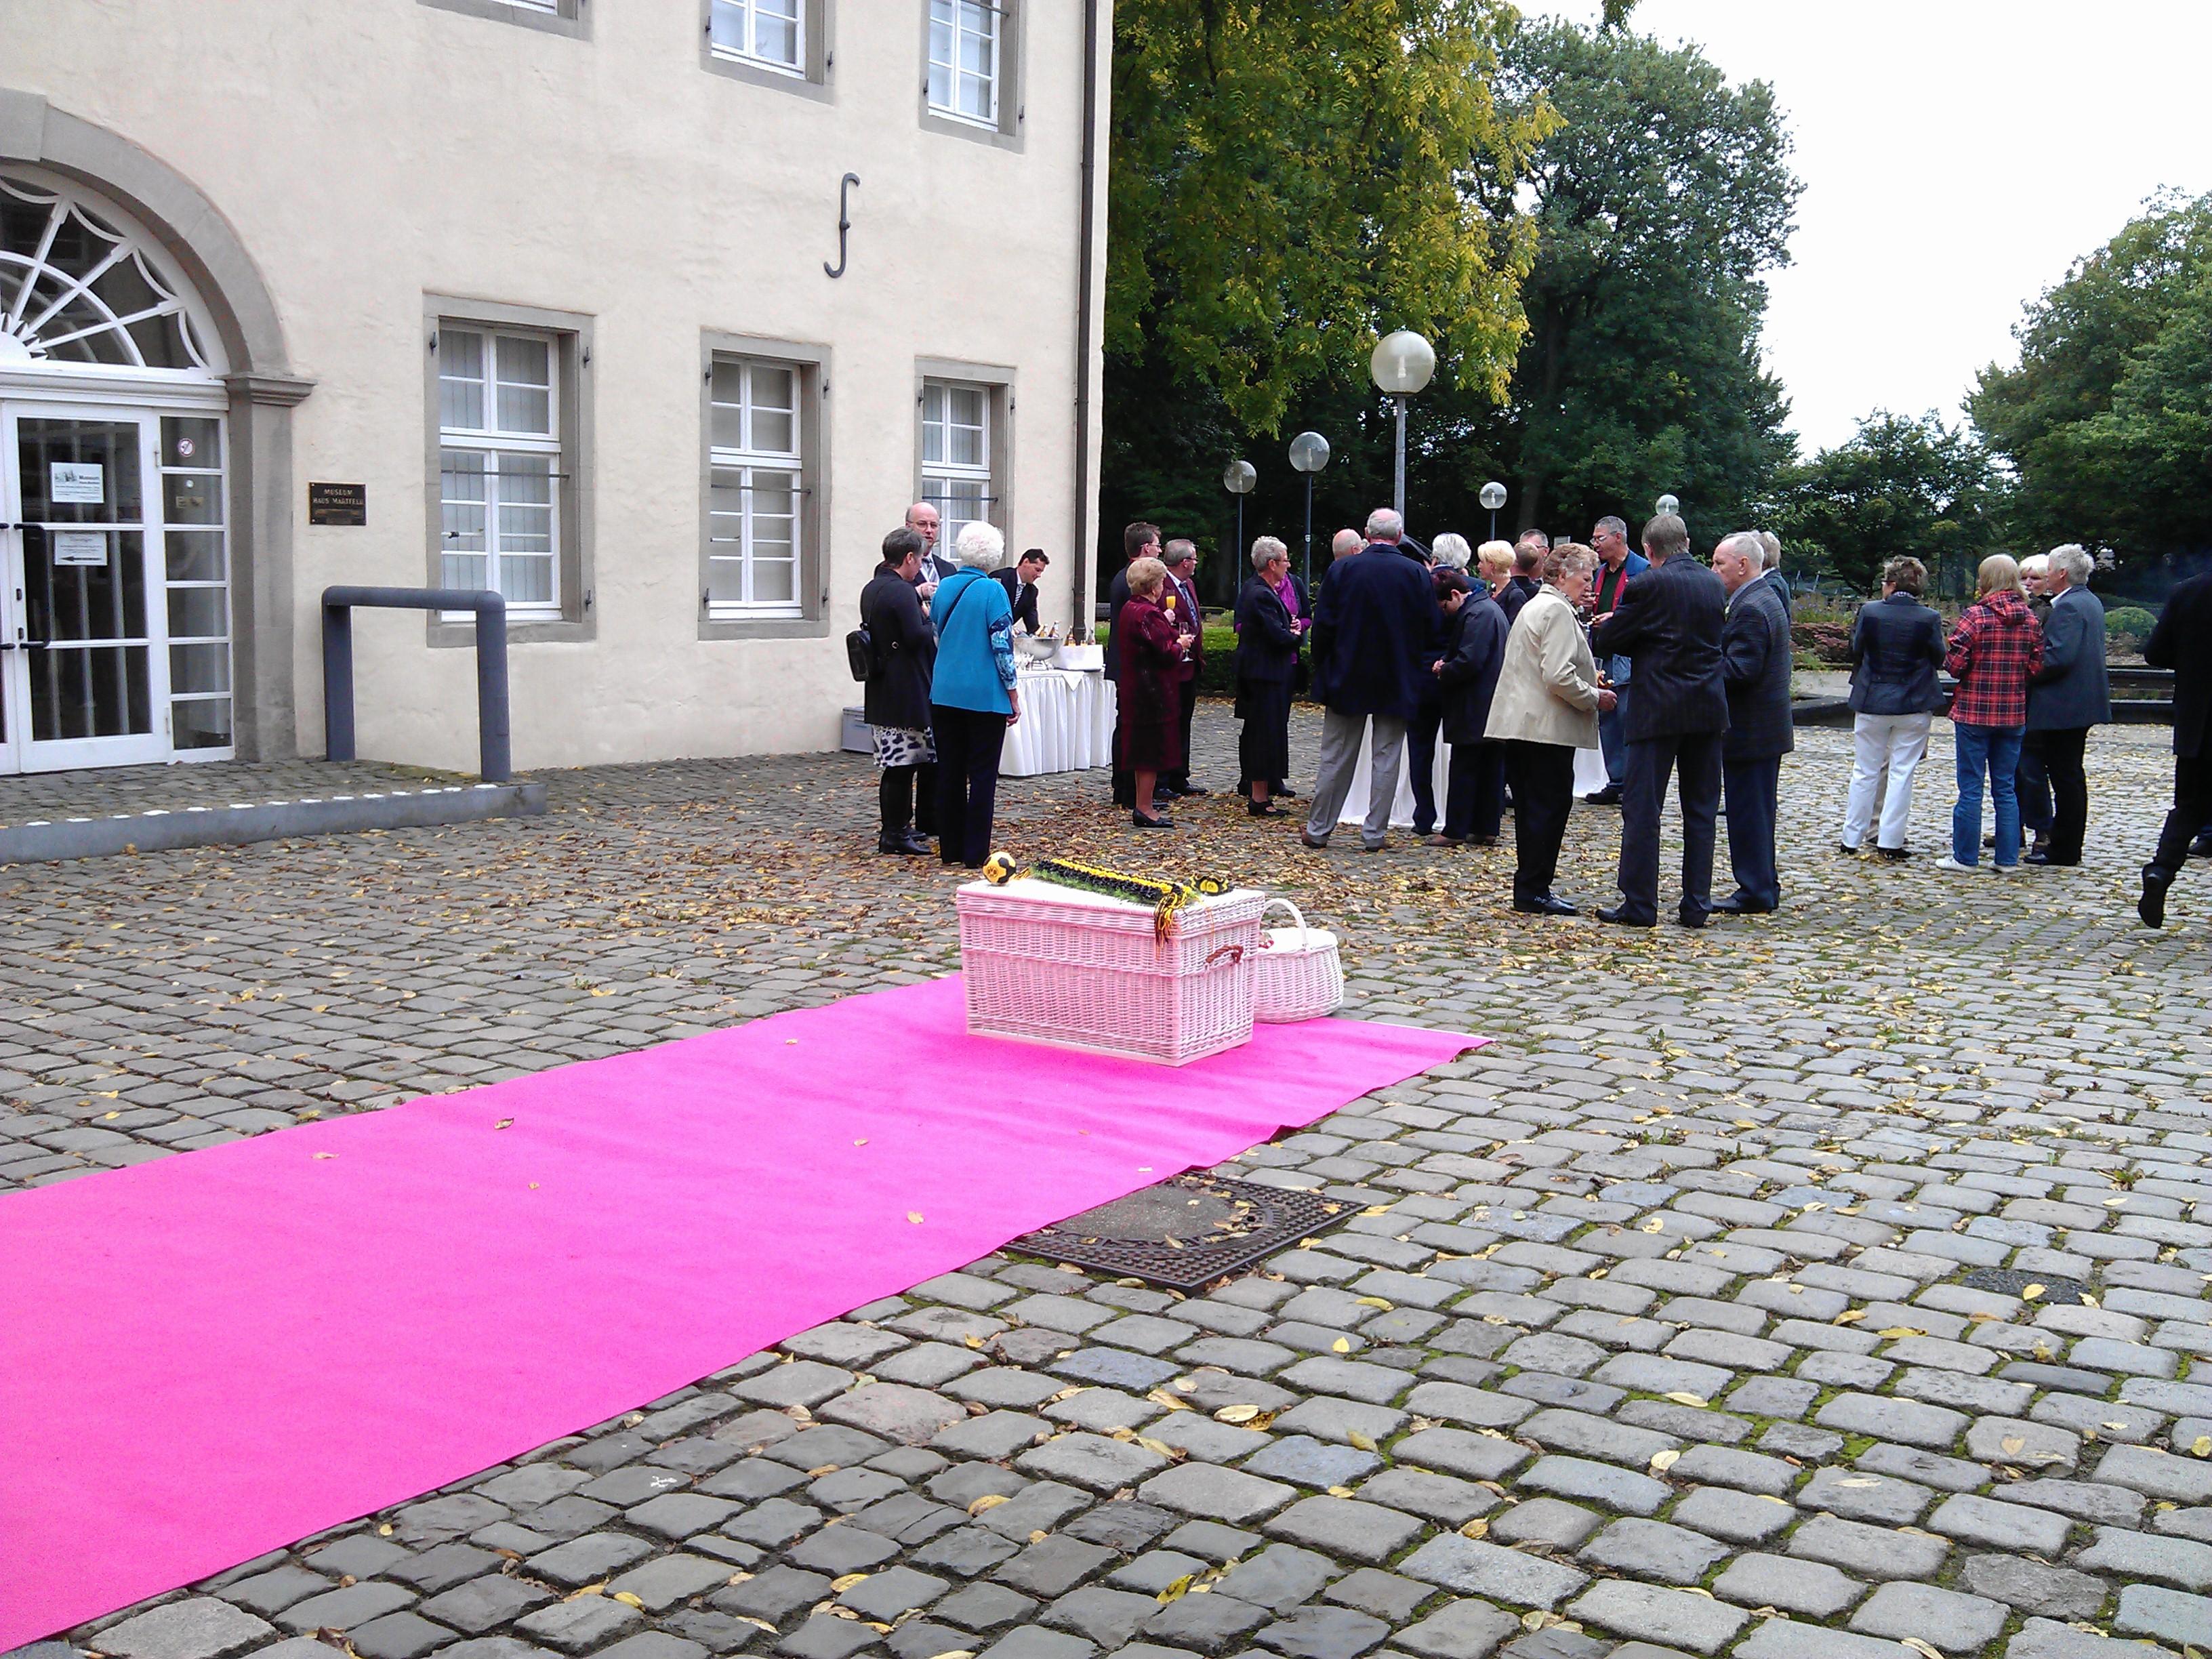 Sektempfang Schloss Martfeld Schwelm -8 | ©ihrehochzeitstauben